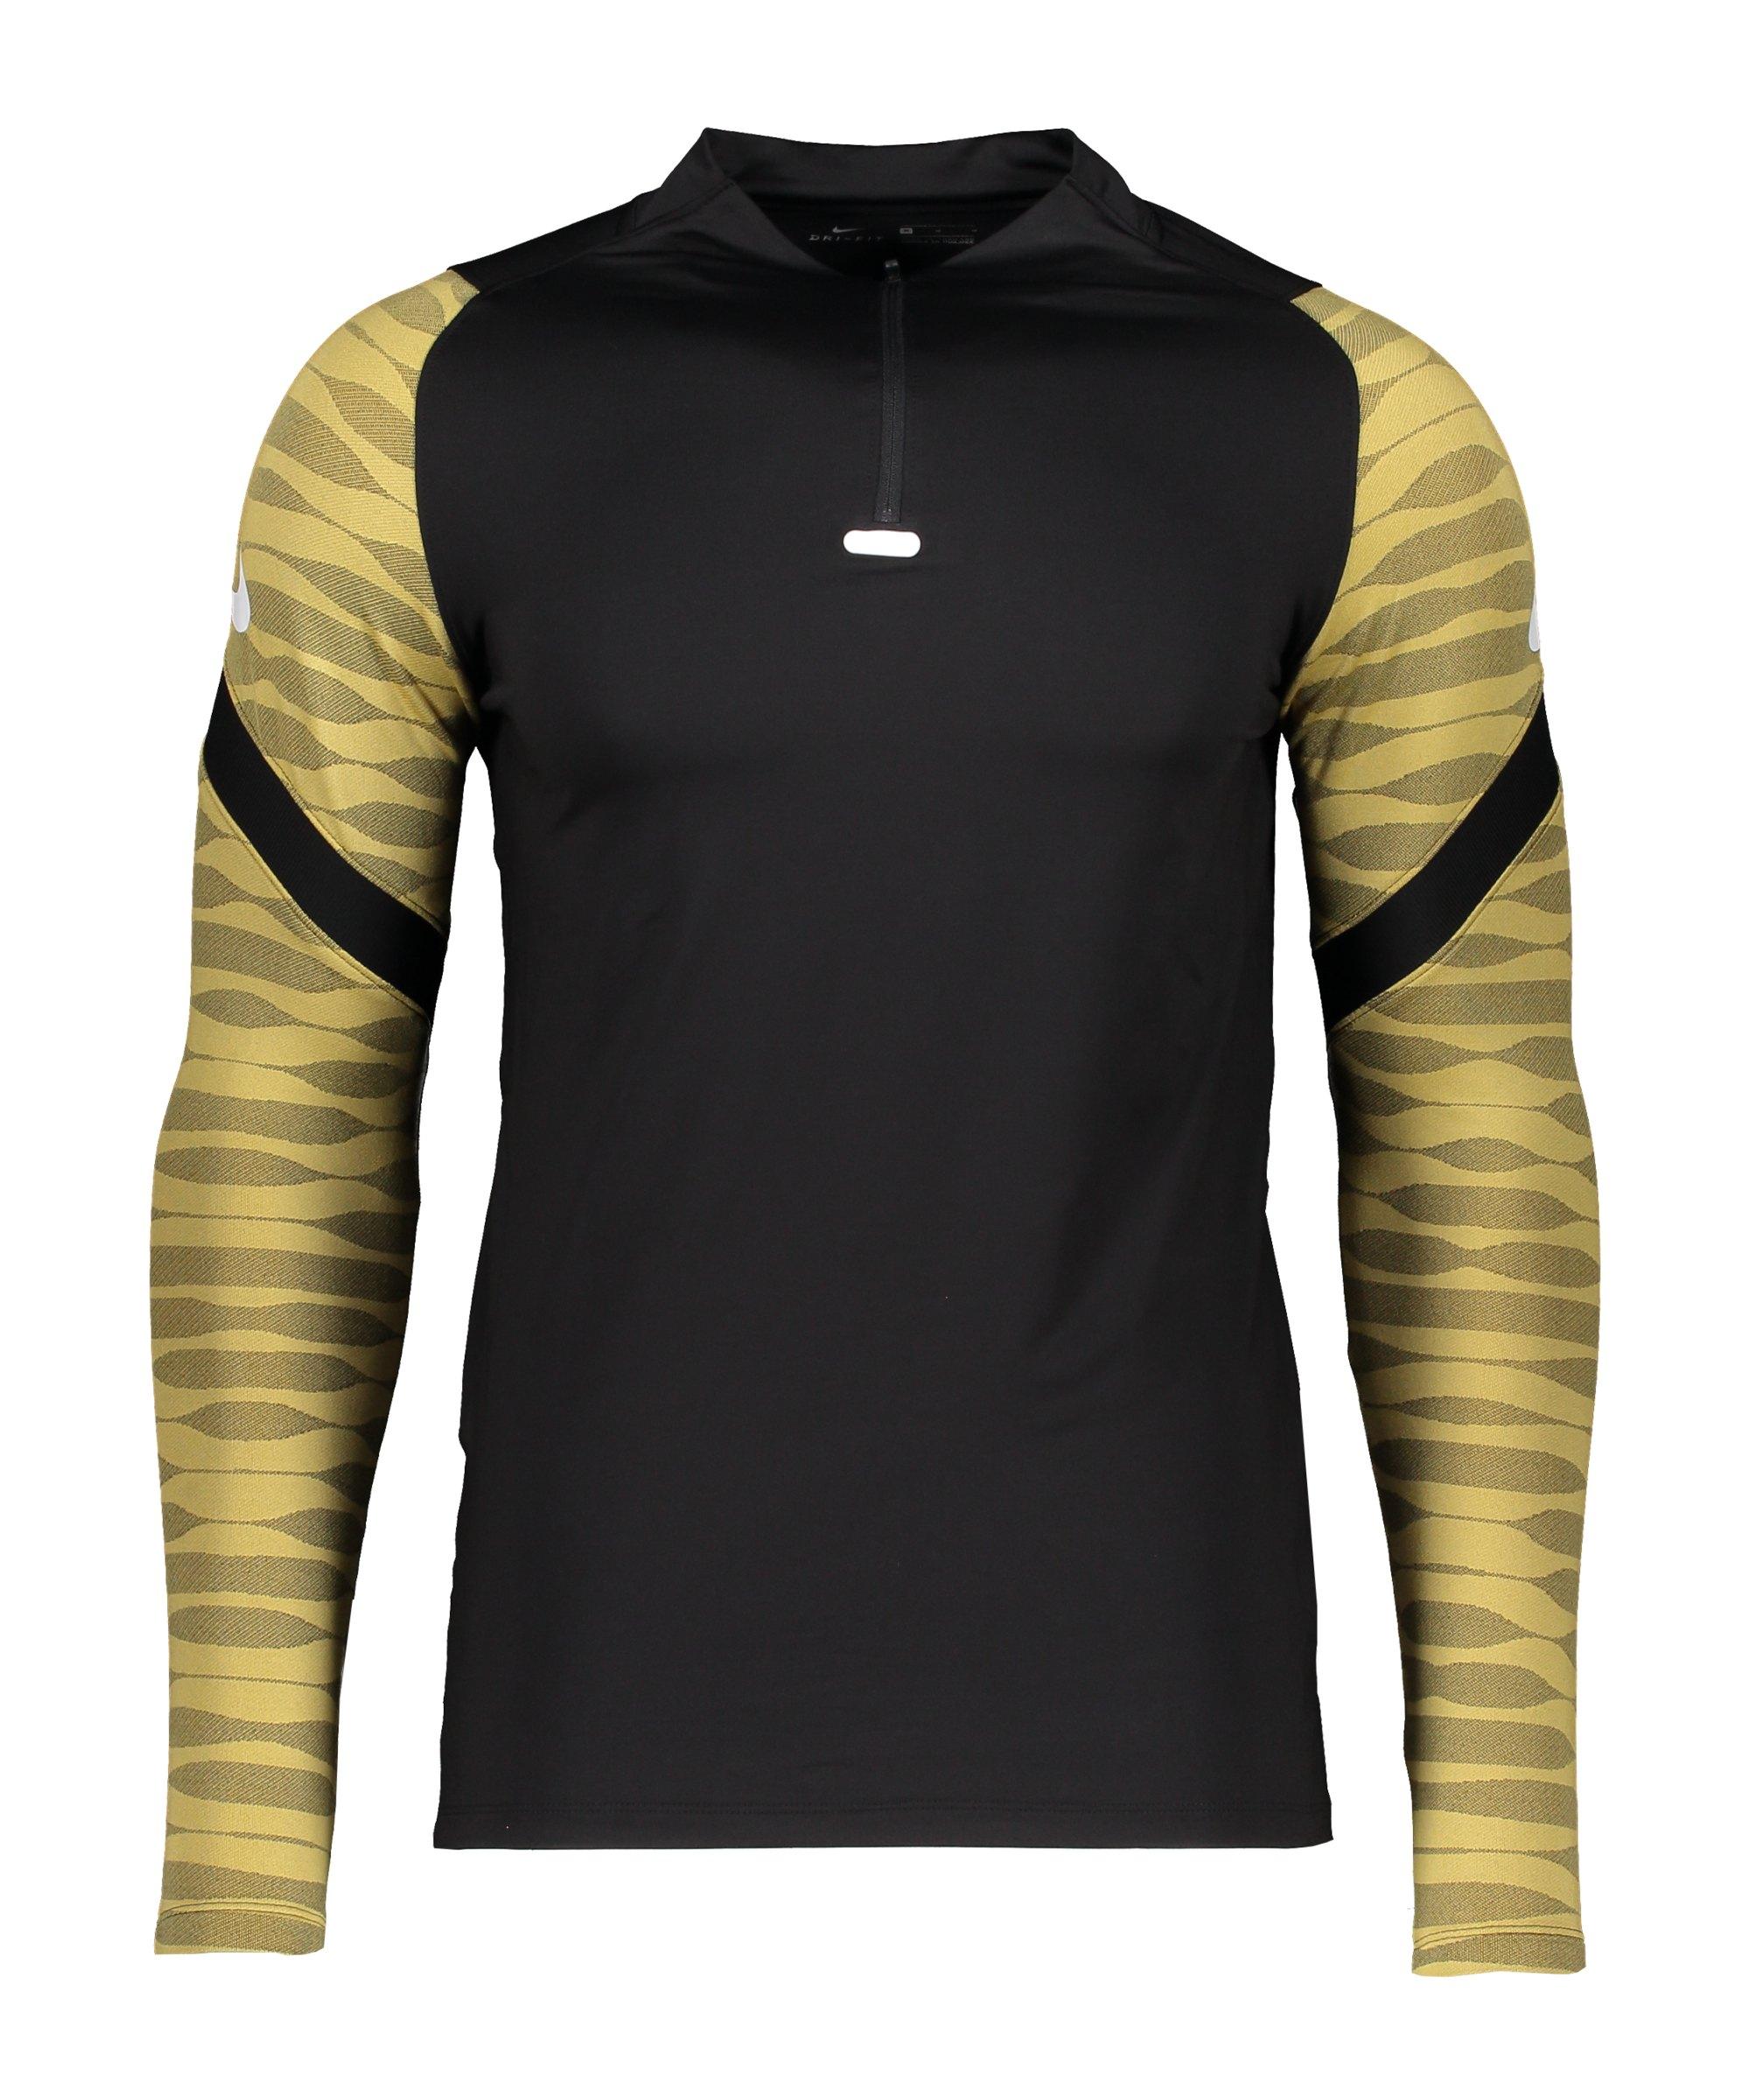 Nike Strike 21 Drill Top Schwarz Gold Weiss F011 - schwarz